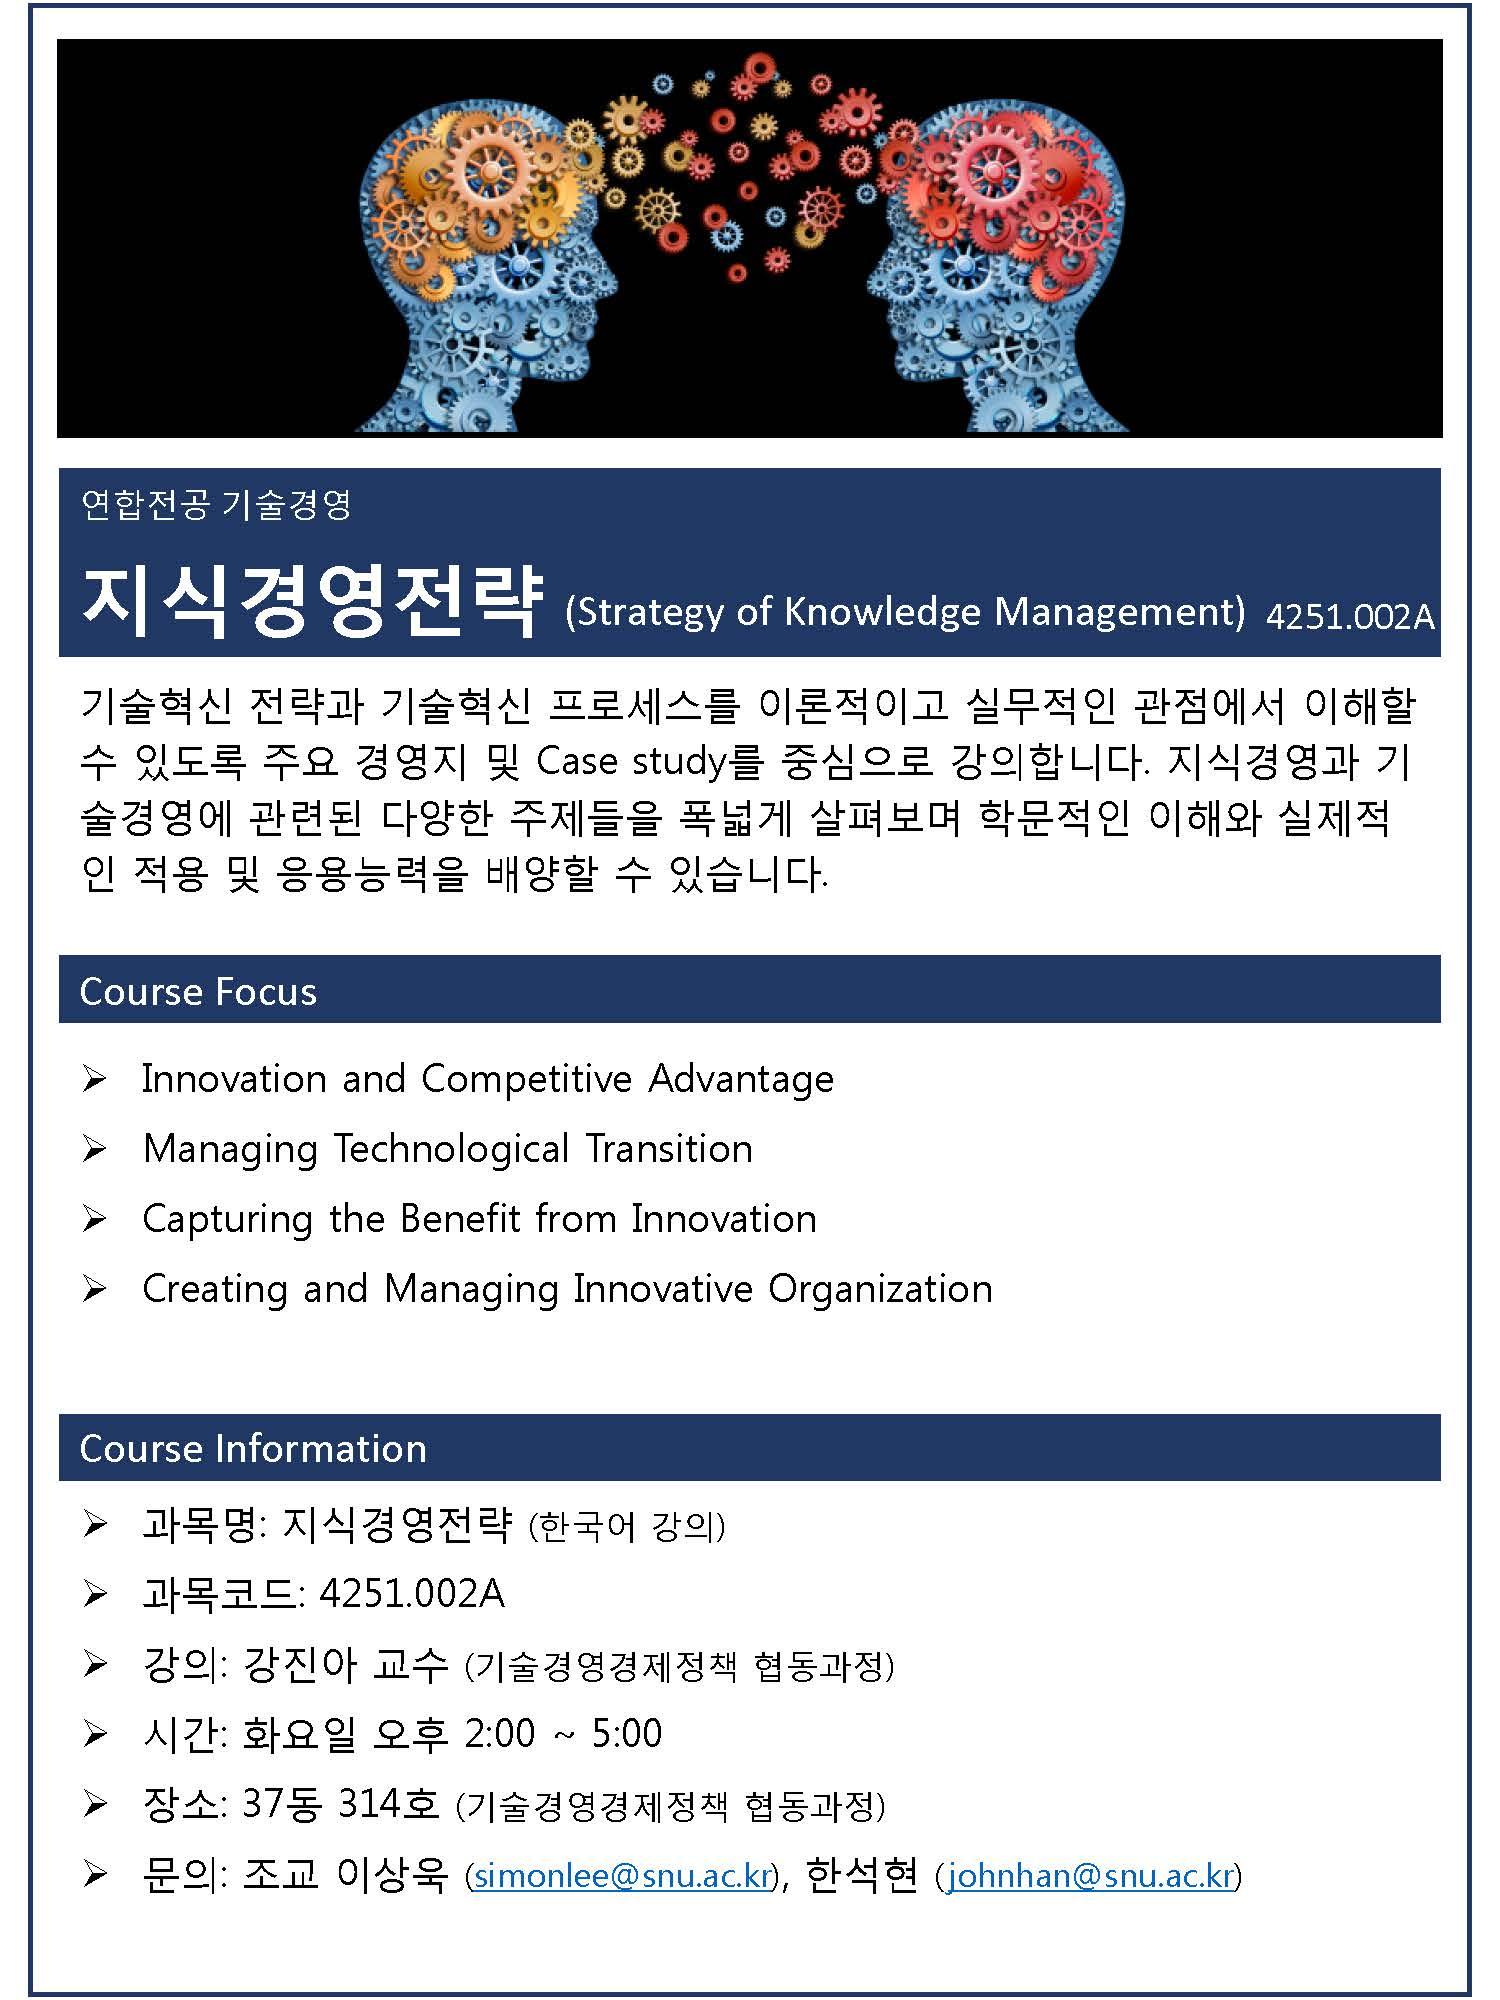 지식경영전략 PR 2015-2 (확정).jpg